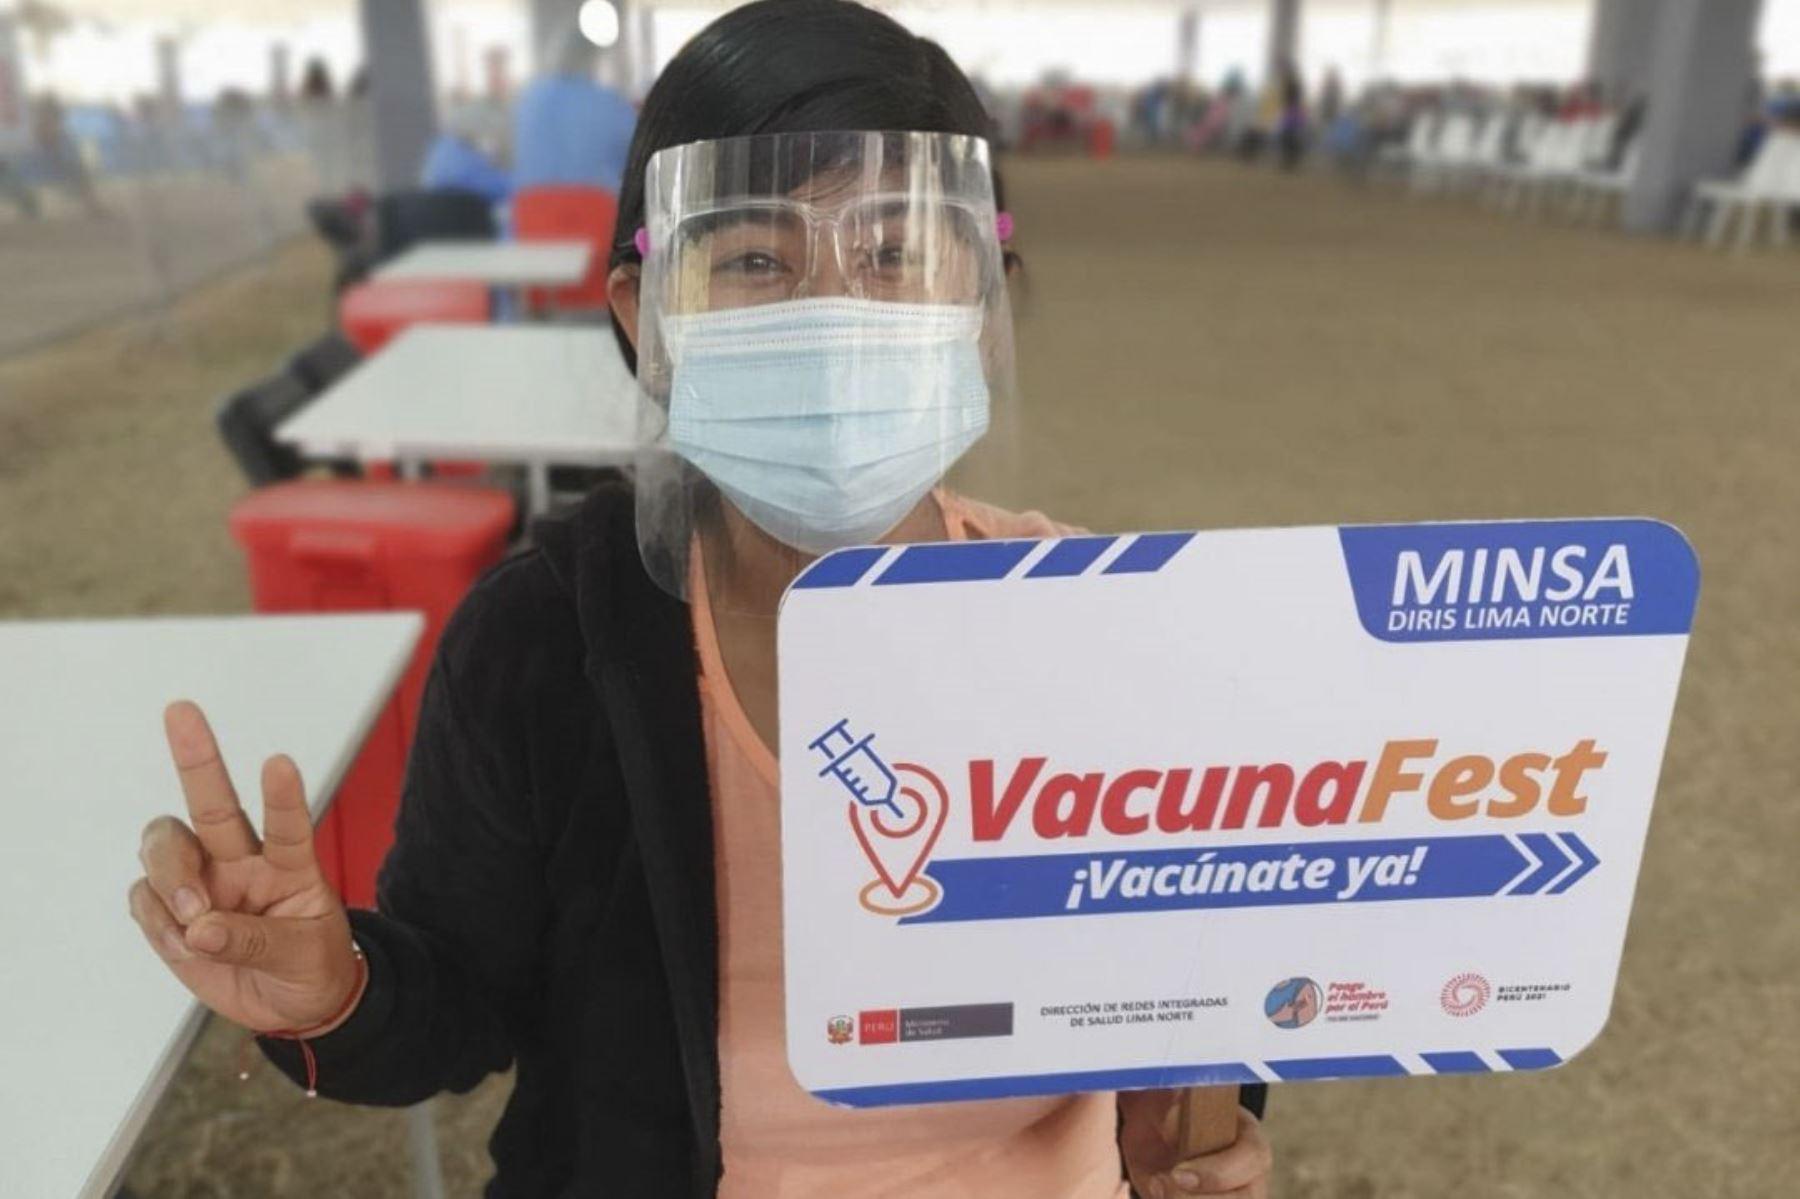 Ministro de Salud, Hernando Cevallos participó de la campaña de vacunación contra la Covid19 en el AAHH Caja de Agua en San Juan de Lurigancho. Hasta el momento 10 millones de peruanos se encuentran vacunados debidamente. A partir de mañana se vacunará a las personas de 21 años o más de Lima Metropolitana y Callao. Foto: ANDINA/Minsa